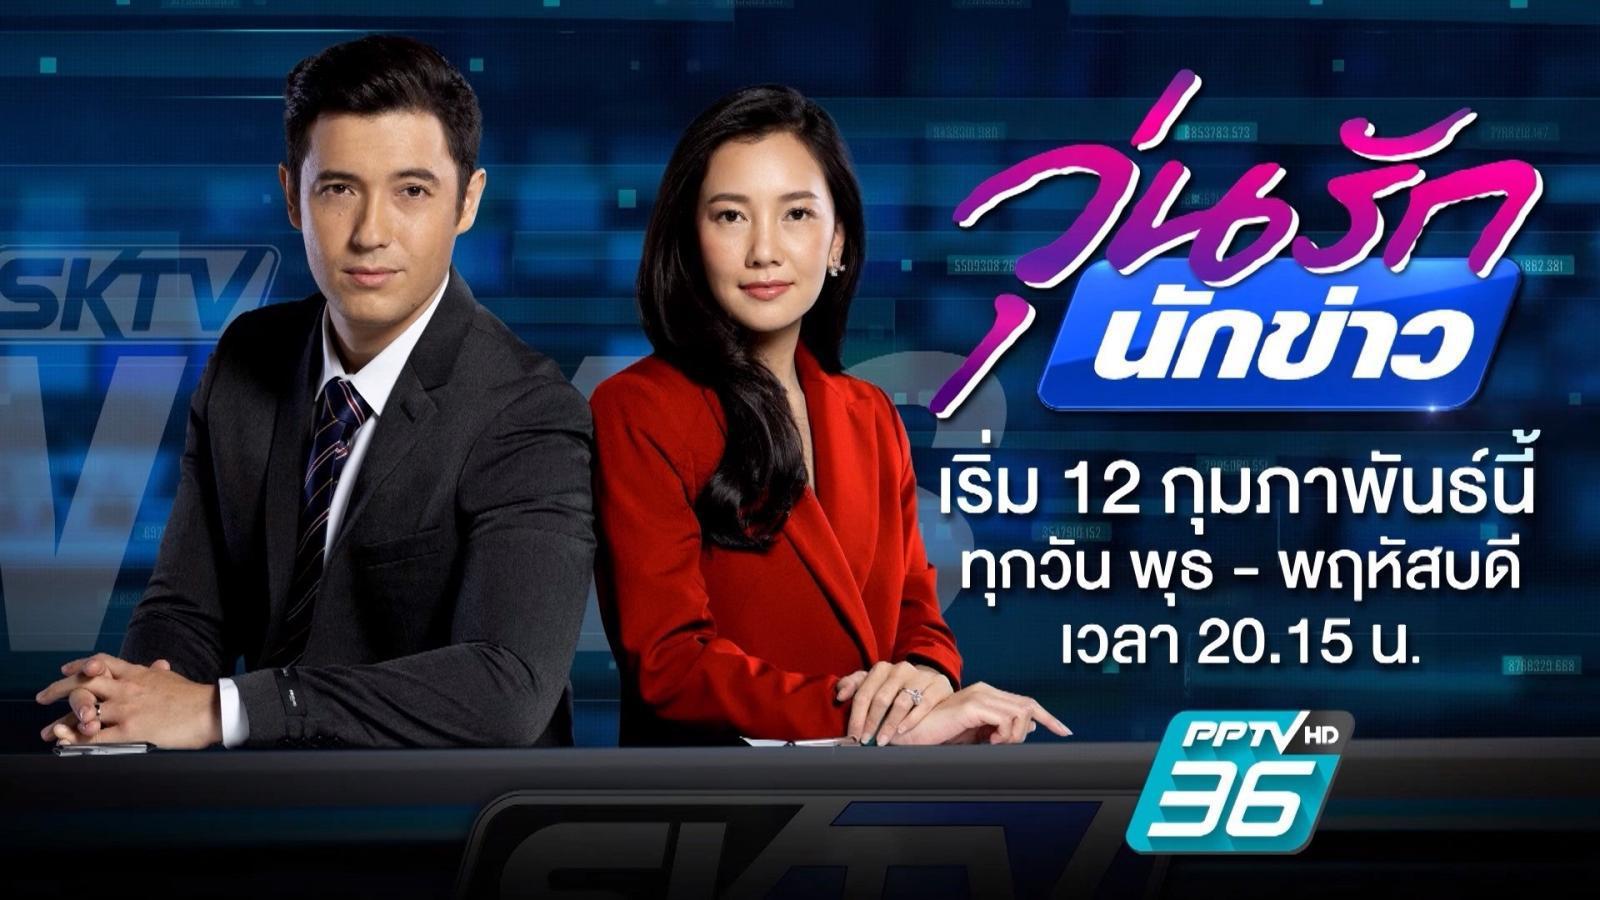 วุ่นรักนักข่าว | ชมความสนุกพร้อมกัน 12 ก.พ. นี้ ทางช่อง PPTV HD 36